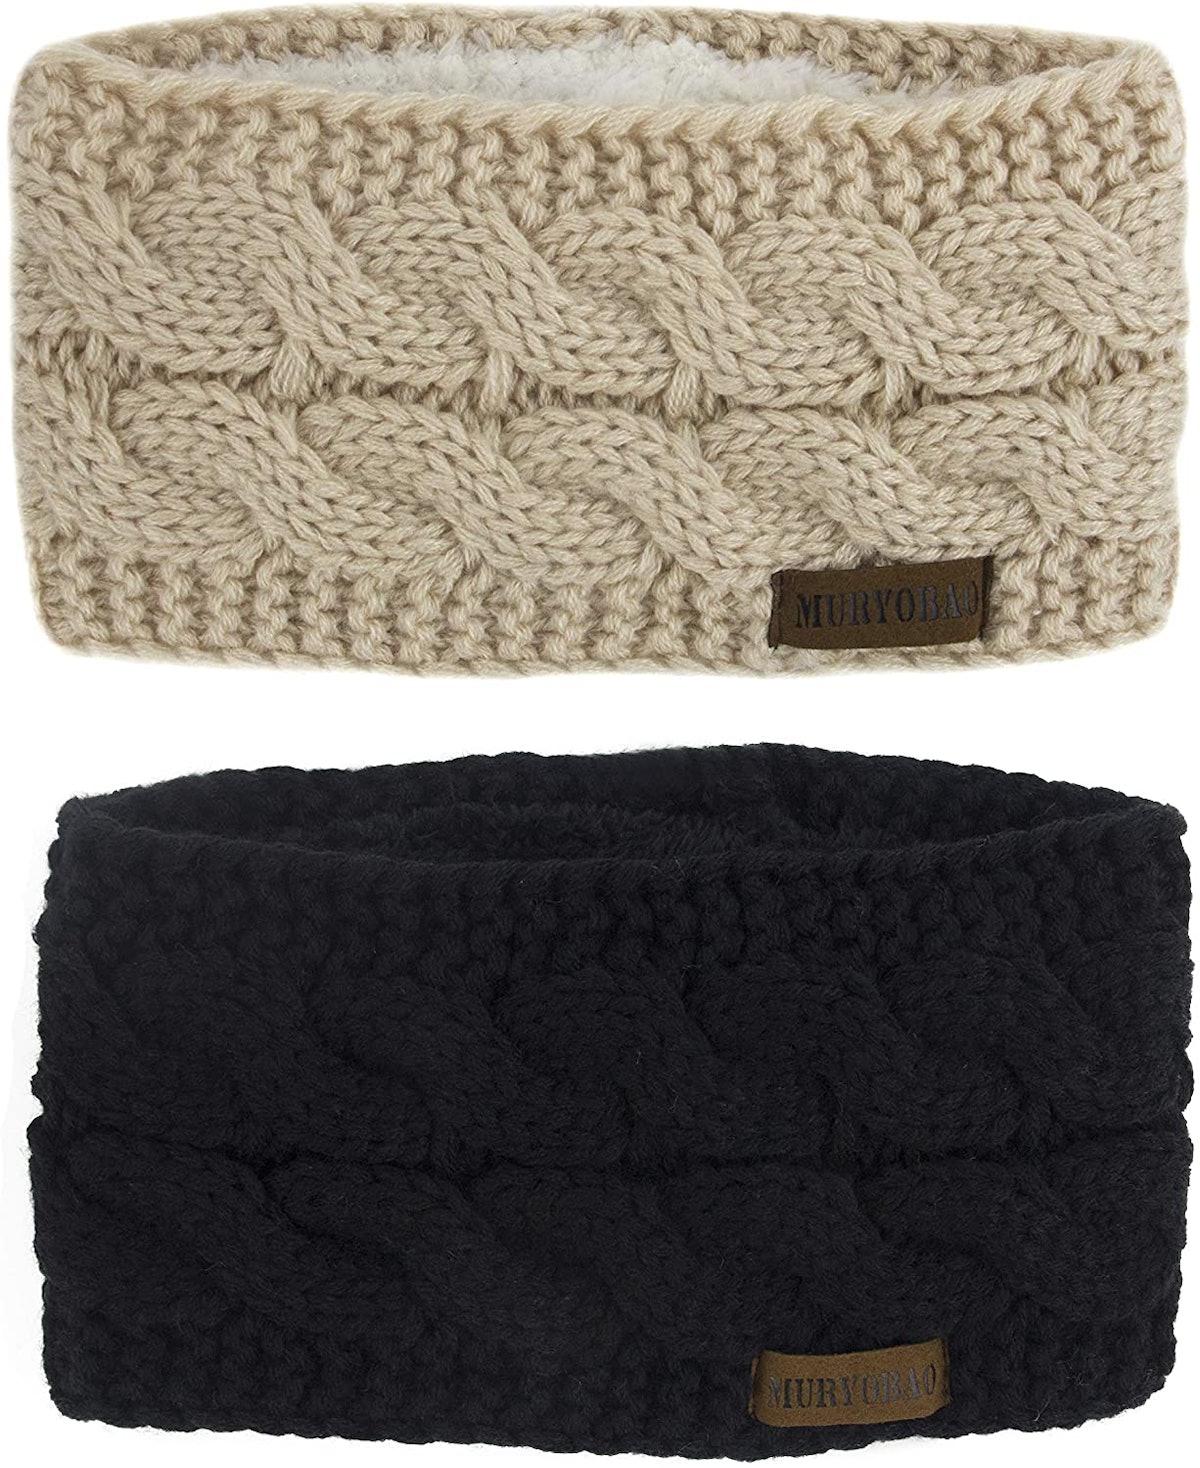 Muryobao Knitted Headbands (2-Pack)